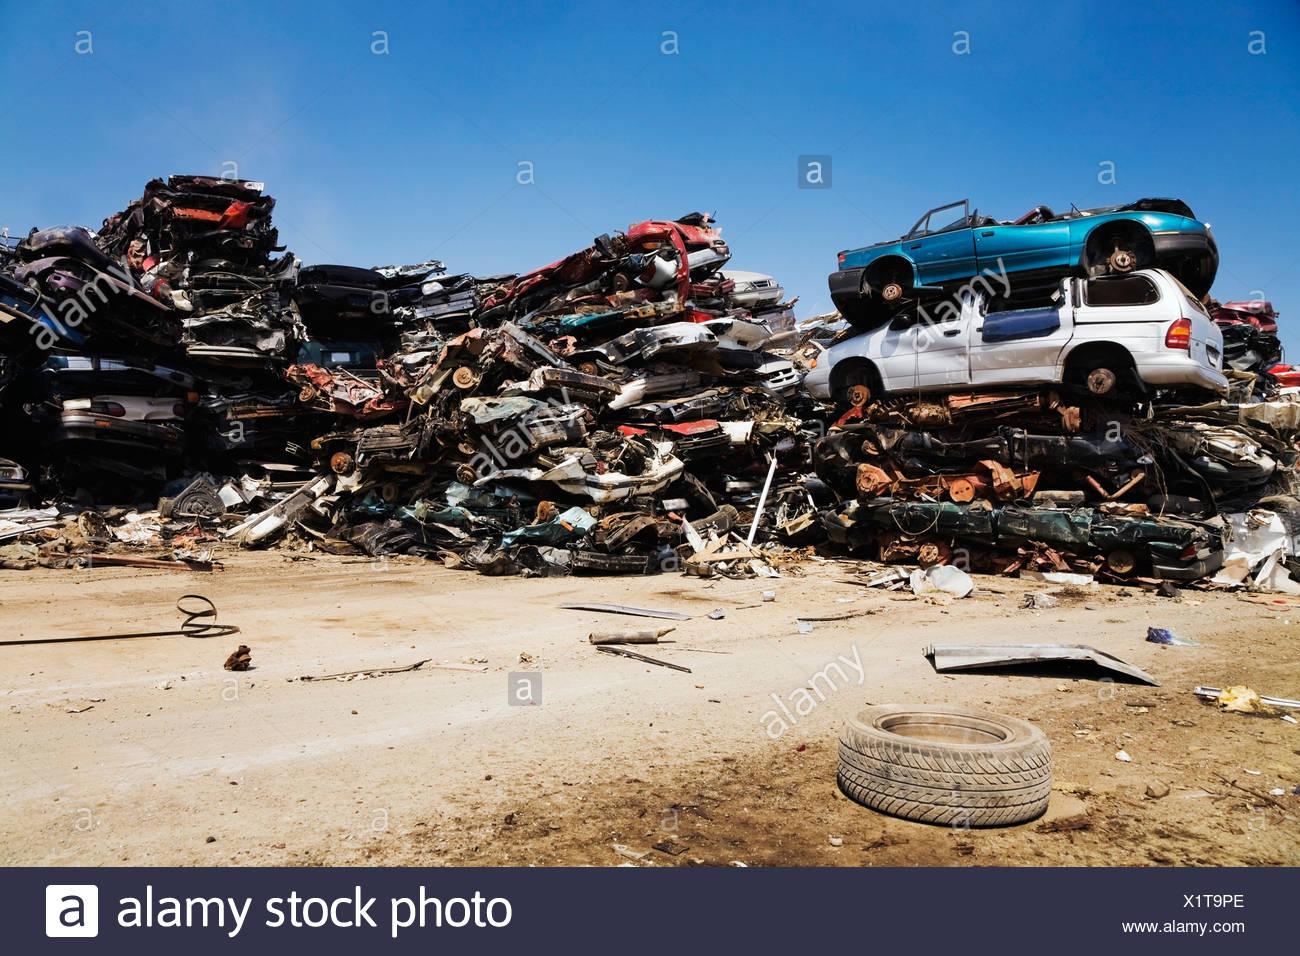 Quebec, Canadá; Apilado y aplastó a los automóviles en un patio de reciclaje de chatarra Imagen De Stock